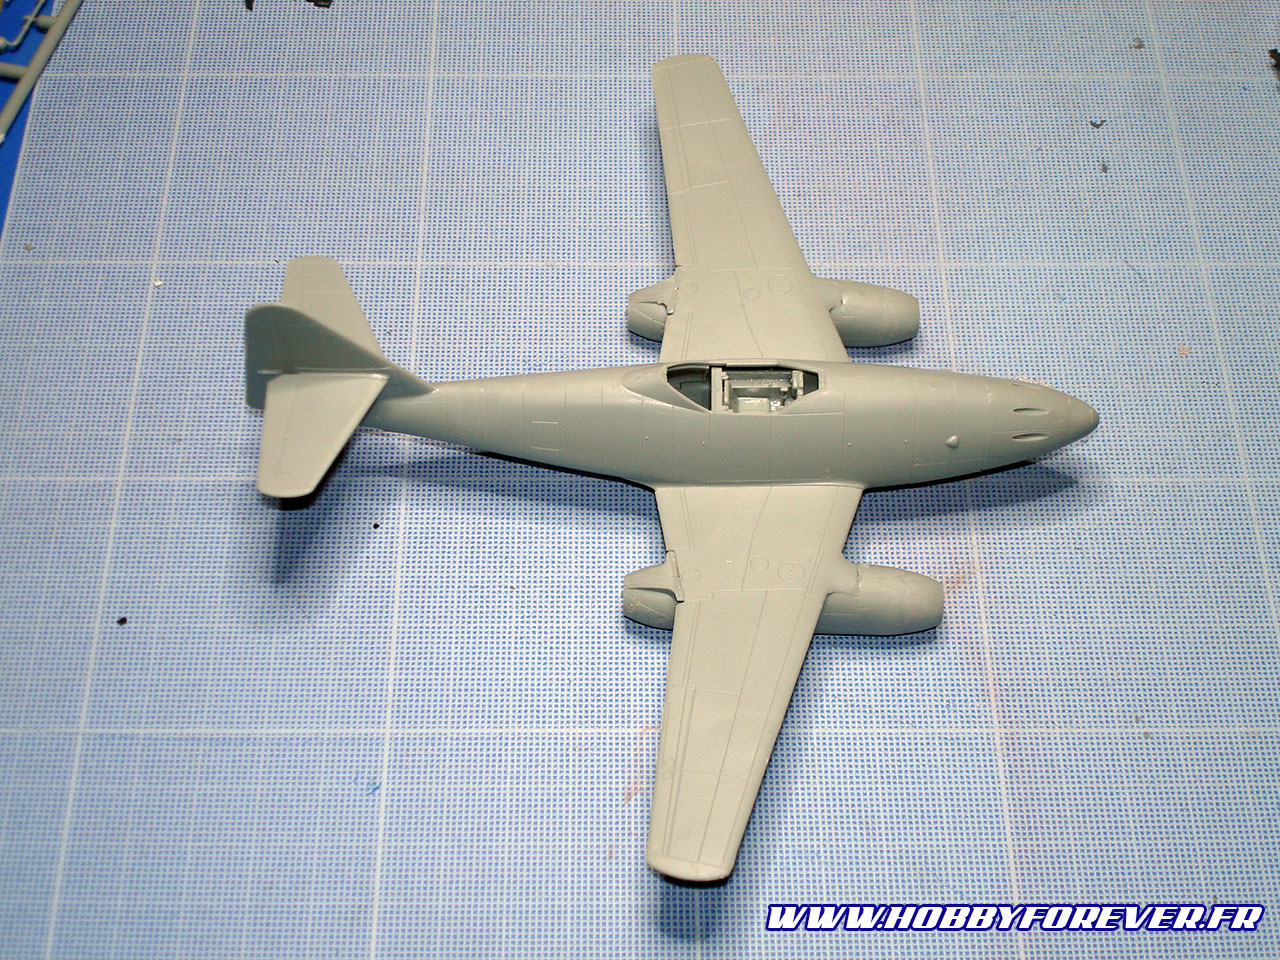 Le Me262 préassemblé